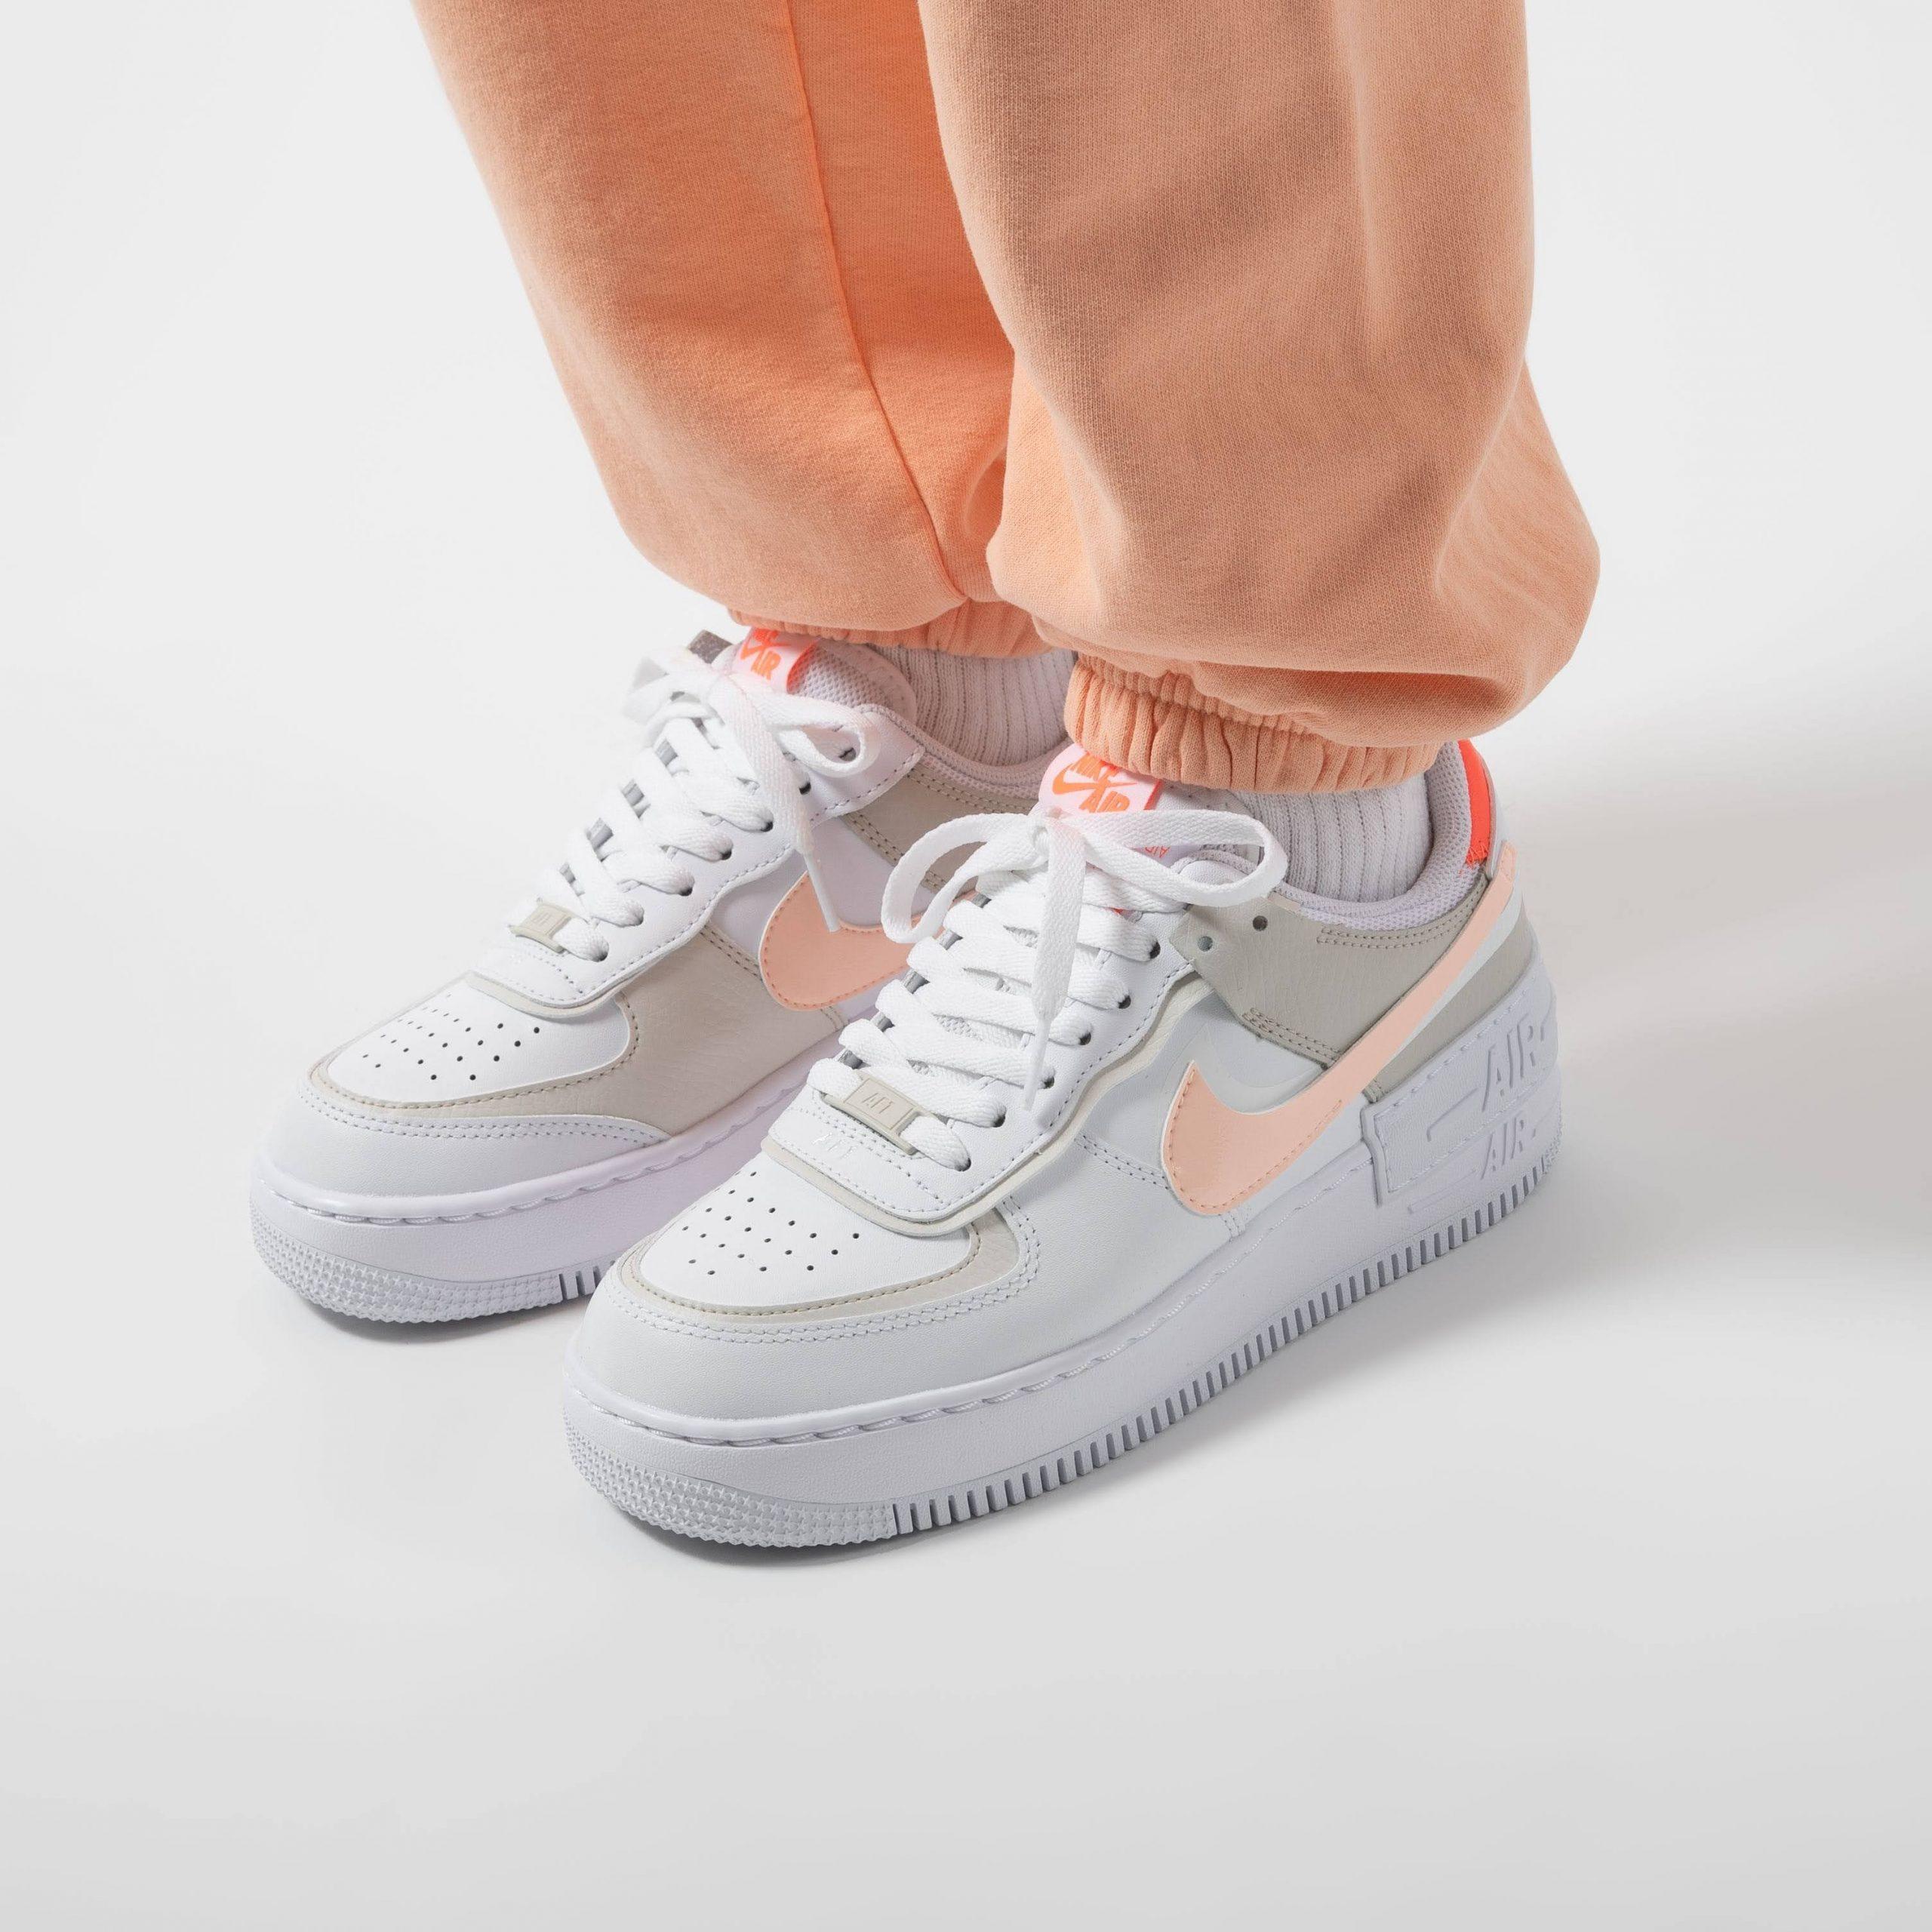 """ナイキ ウィメンズ エア フォース 1 シャドウ """"ブライト マンゴー"""" Nike-WMNS-Air-Force-1-Shadow-Bright-Mango-DH3896-100-pair-on-feet-3"""